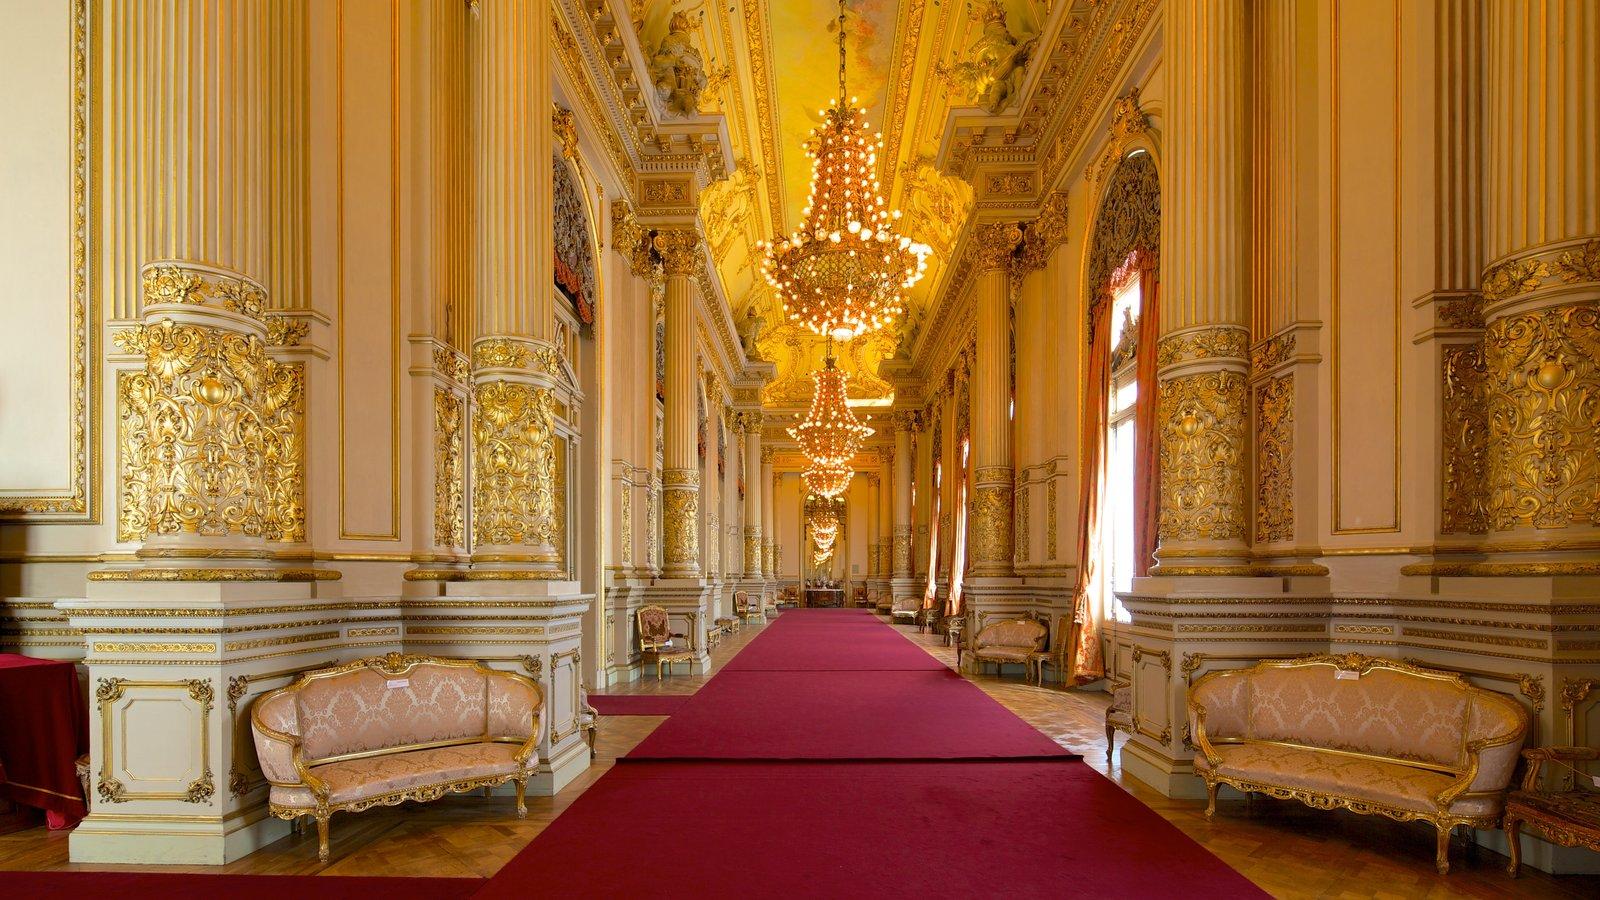 Teatro Colon which includes interior views and theater scenes